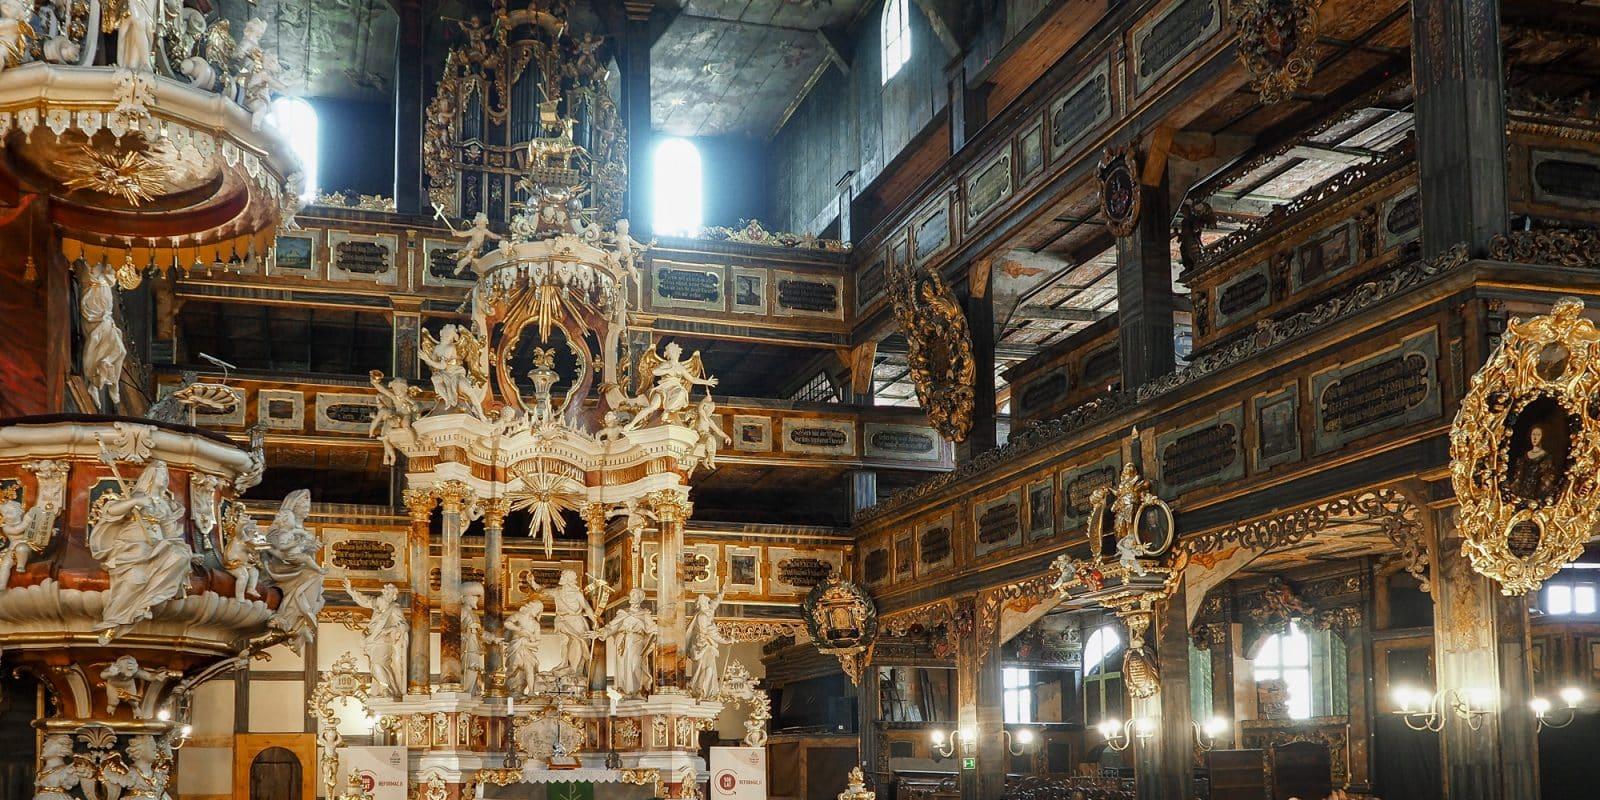 Wnętrze Kościoła Pokoju w Świdnicy. Po lewo ambona, w centrum ołtarz a po prawo ozdobne empory